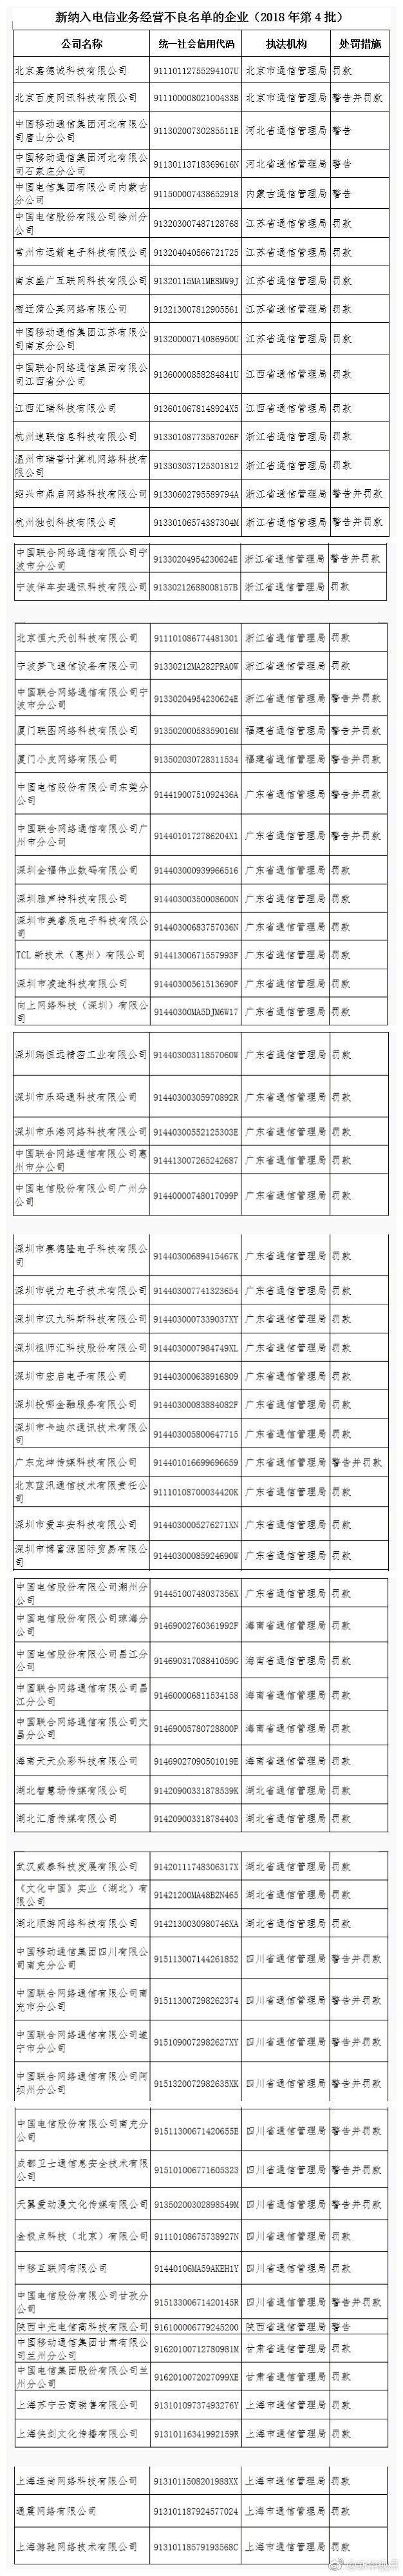 76家违规葡京开户网址注册被纳入电信业务经营不良名单 三大运营商旗下公司在列